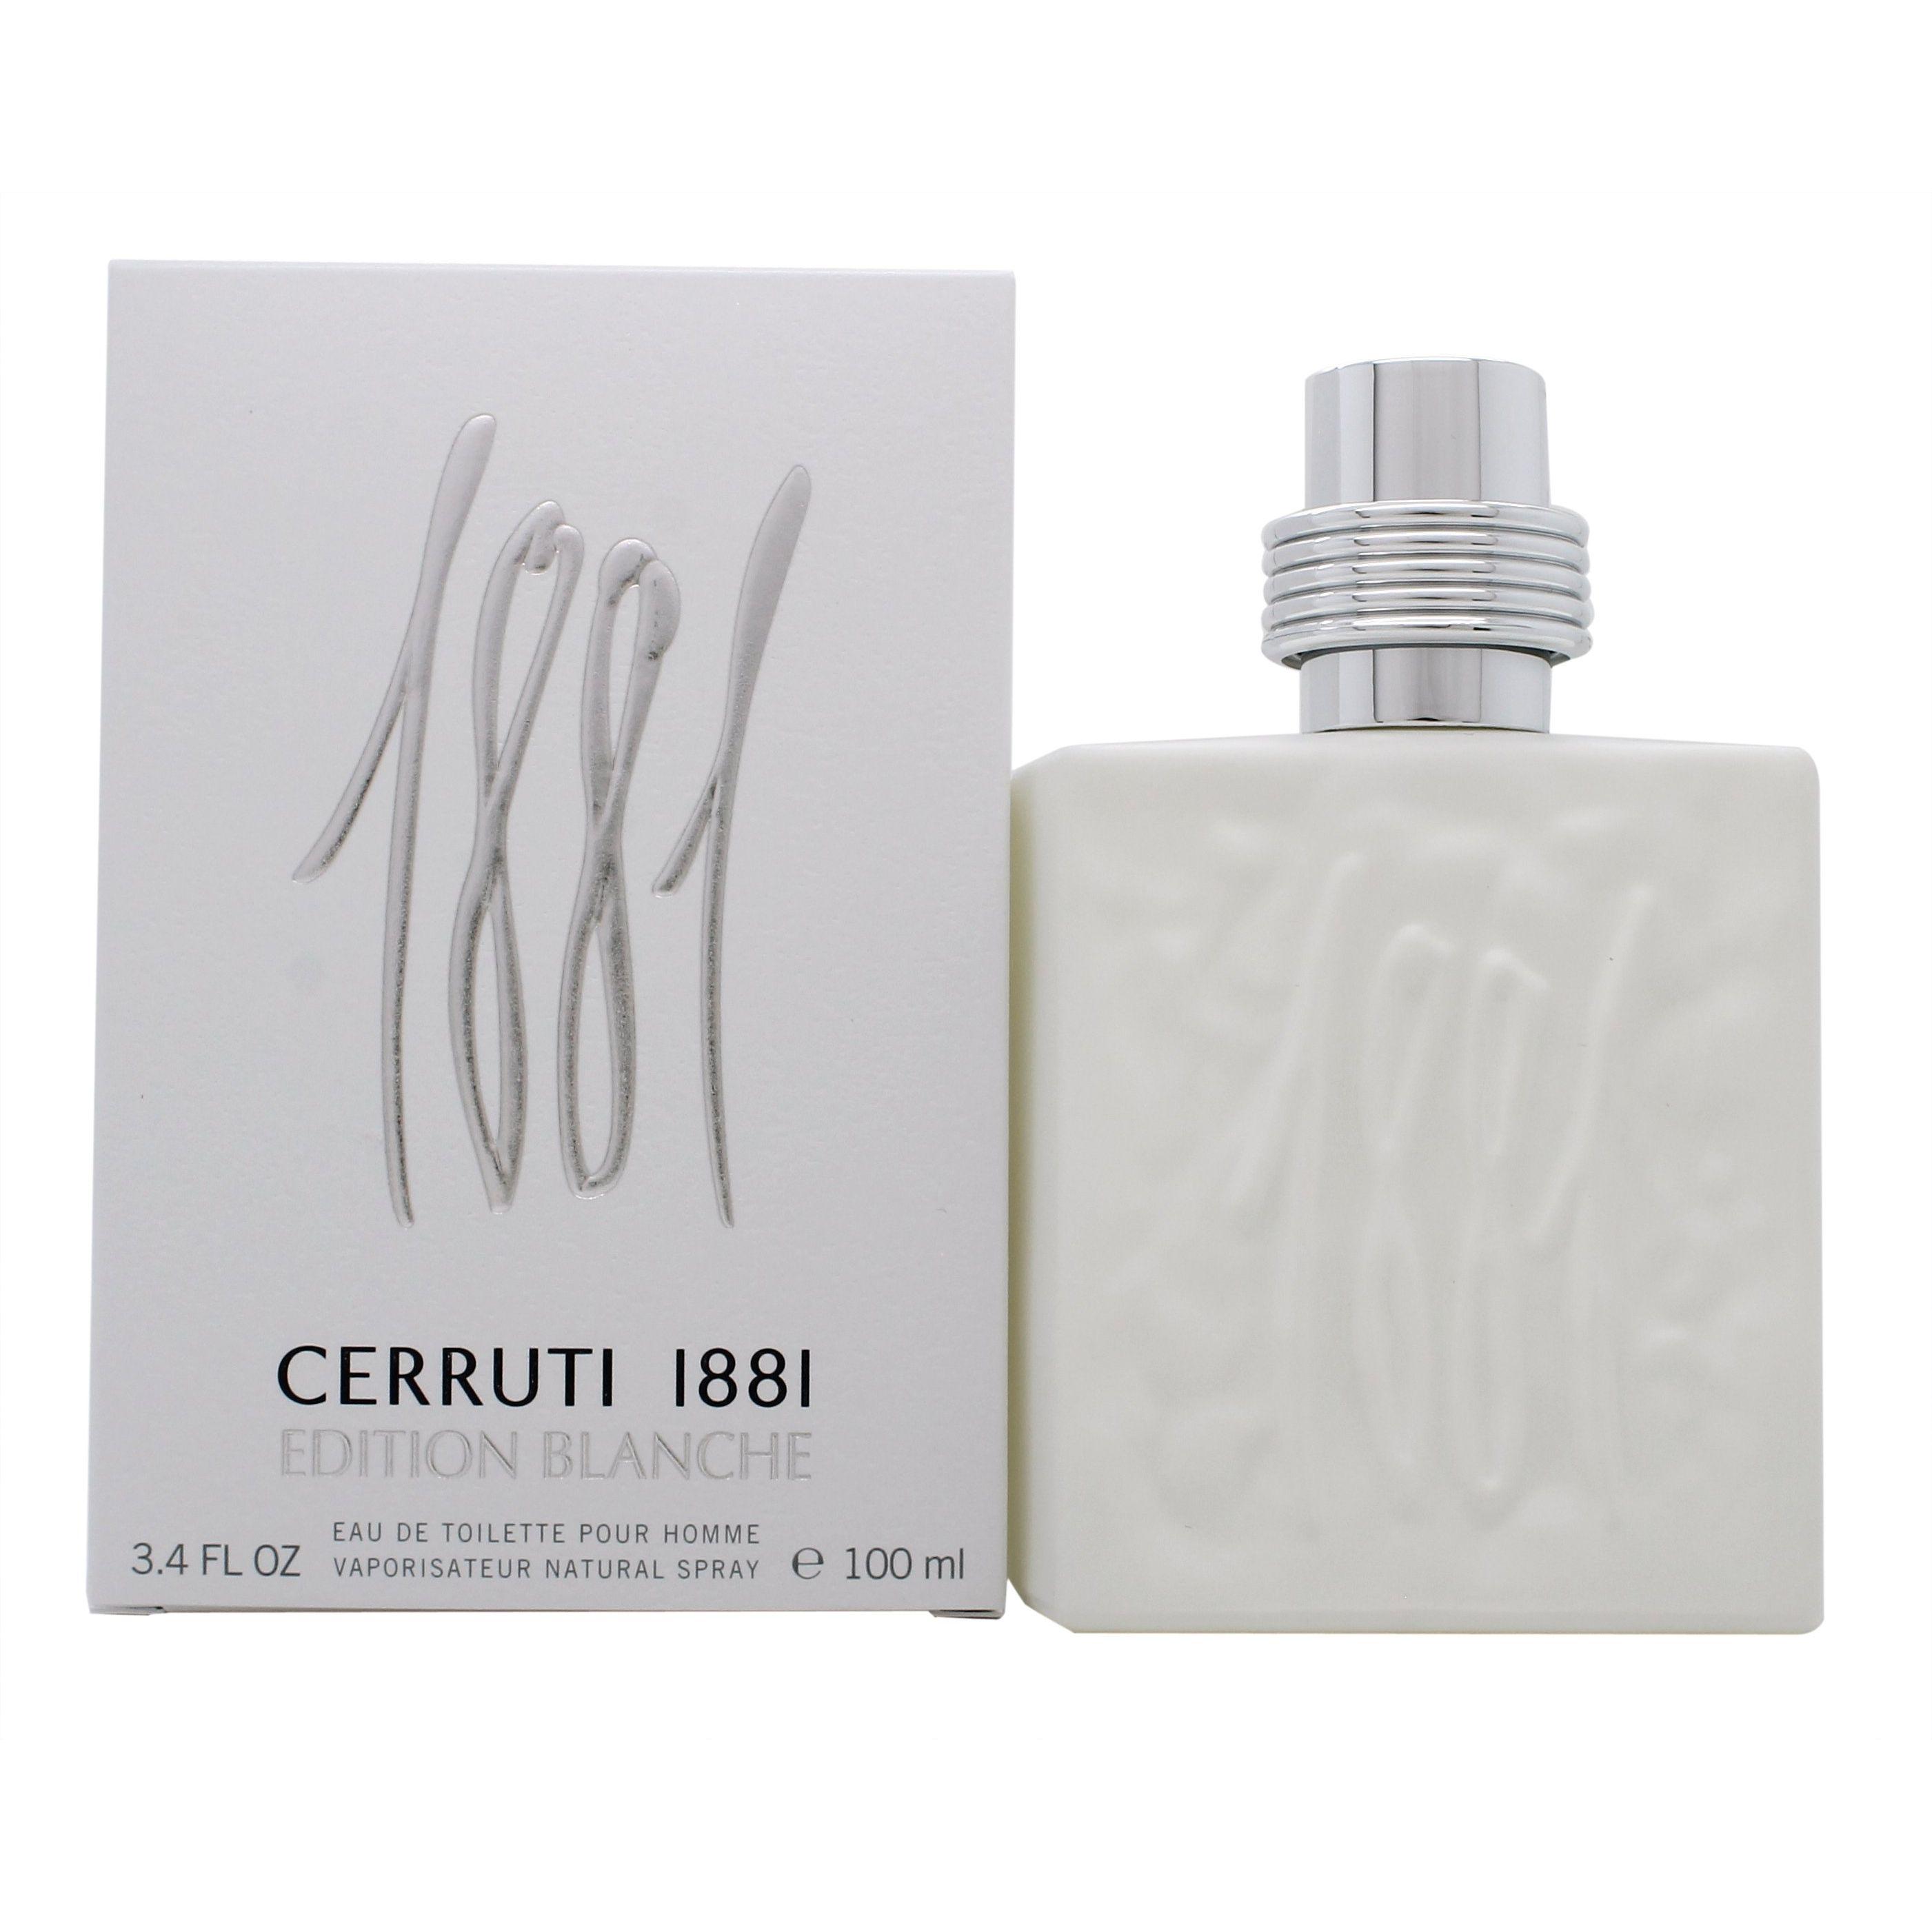 Cerruti 1881 Edition Blanche Pour Homme Eau de Toilette 100 ml Spray